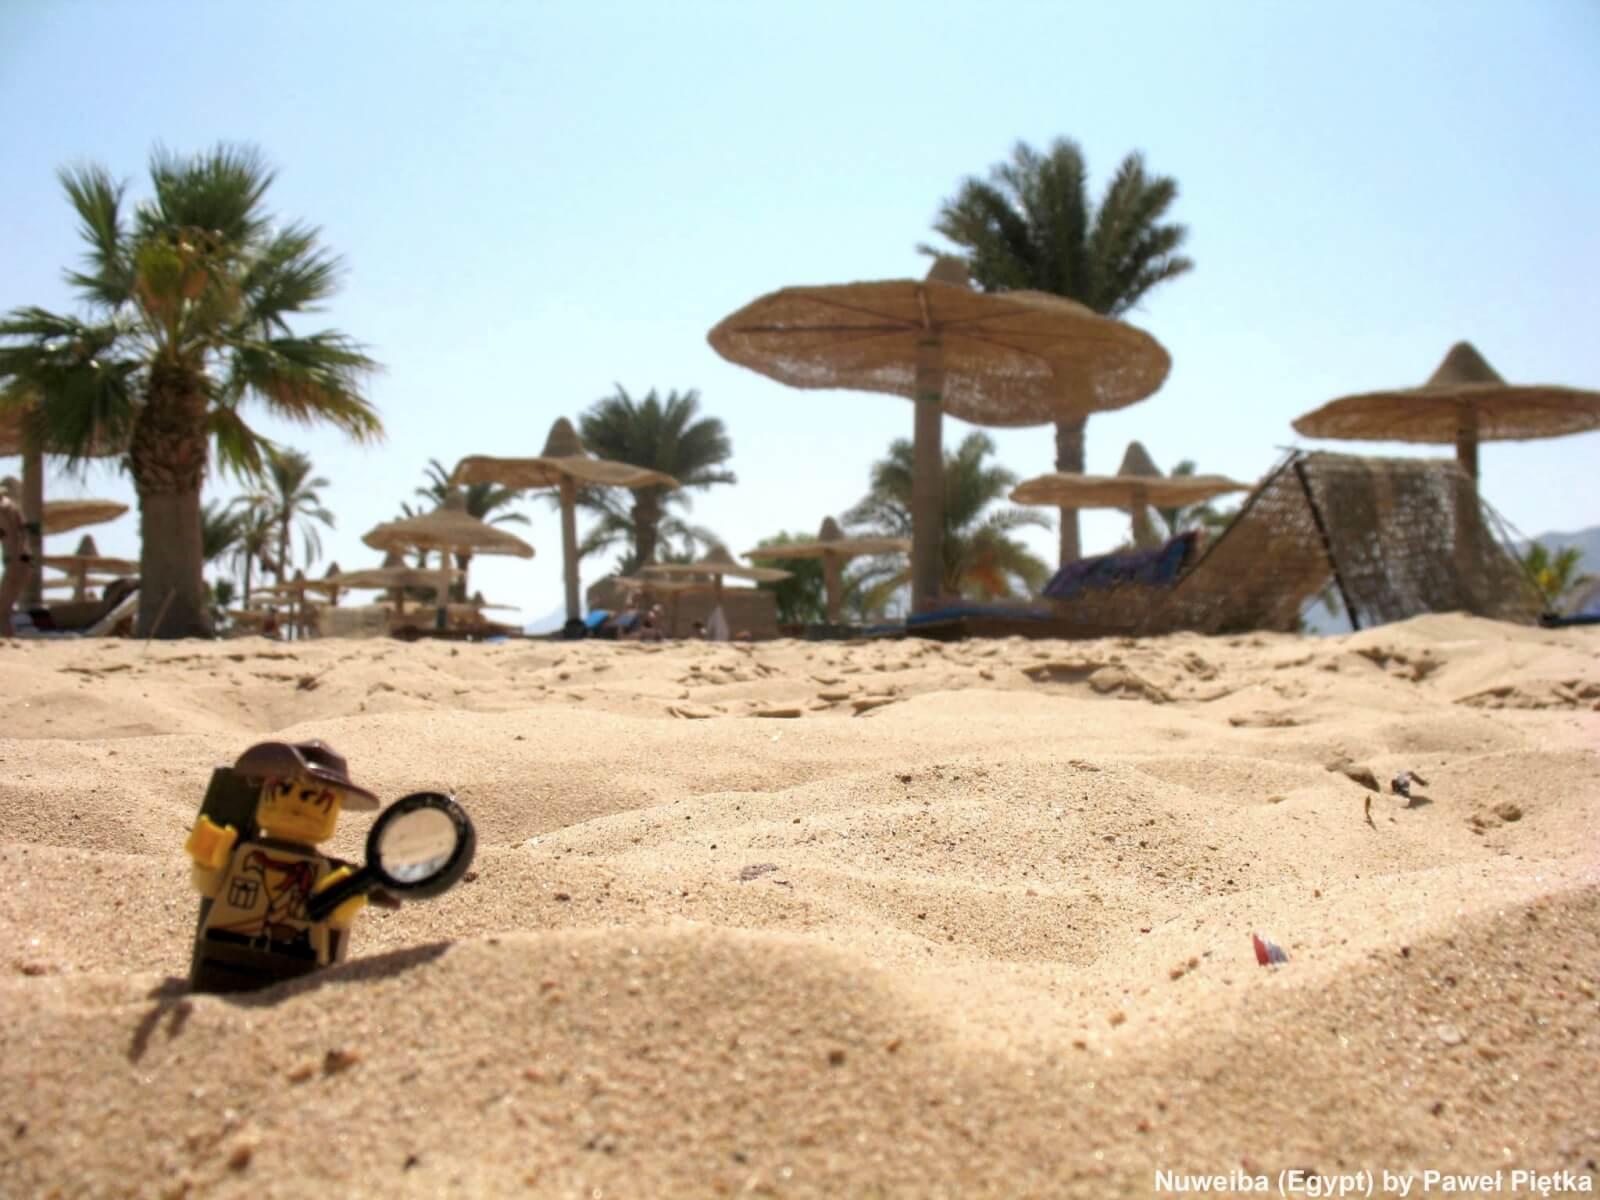 Nuweiba (Egypt) 3